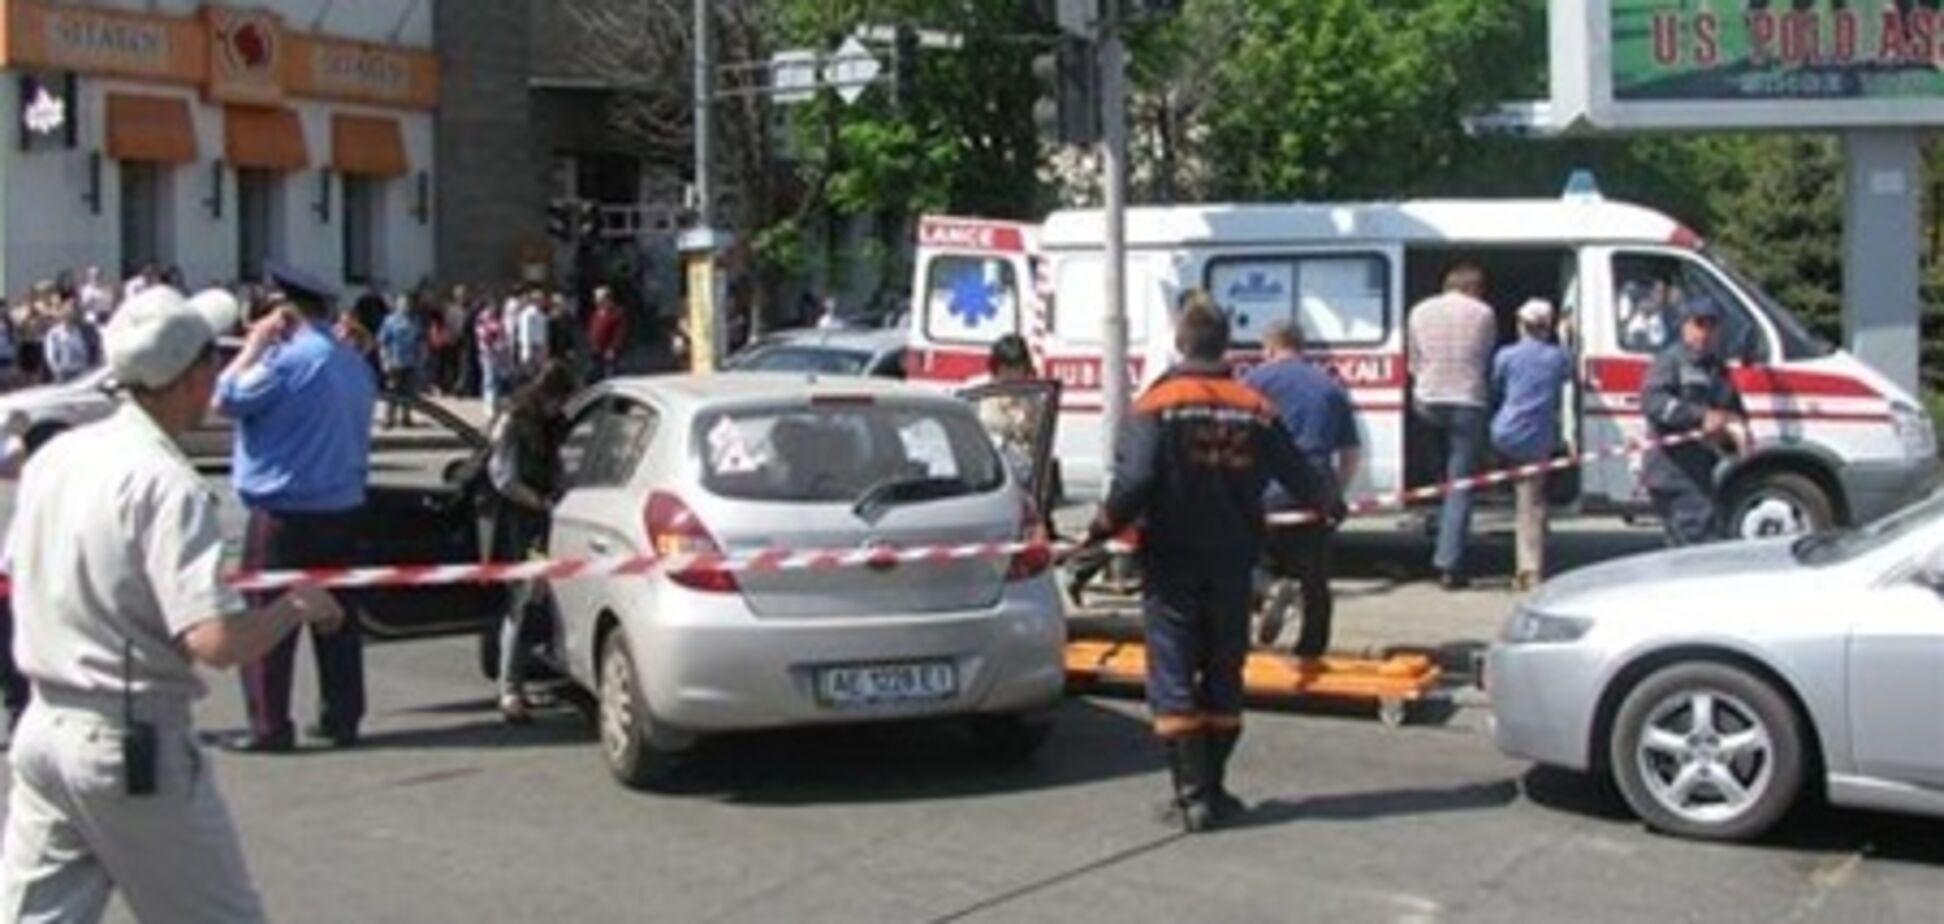 Затримано підозрюваних в організації вибухів у Дніпропетровську